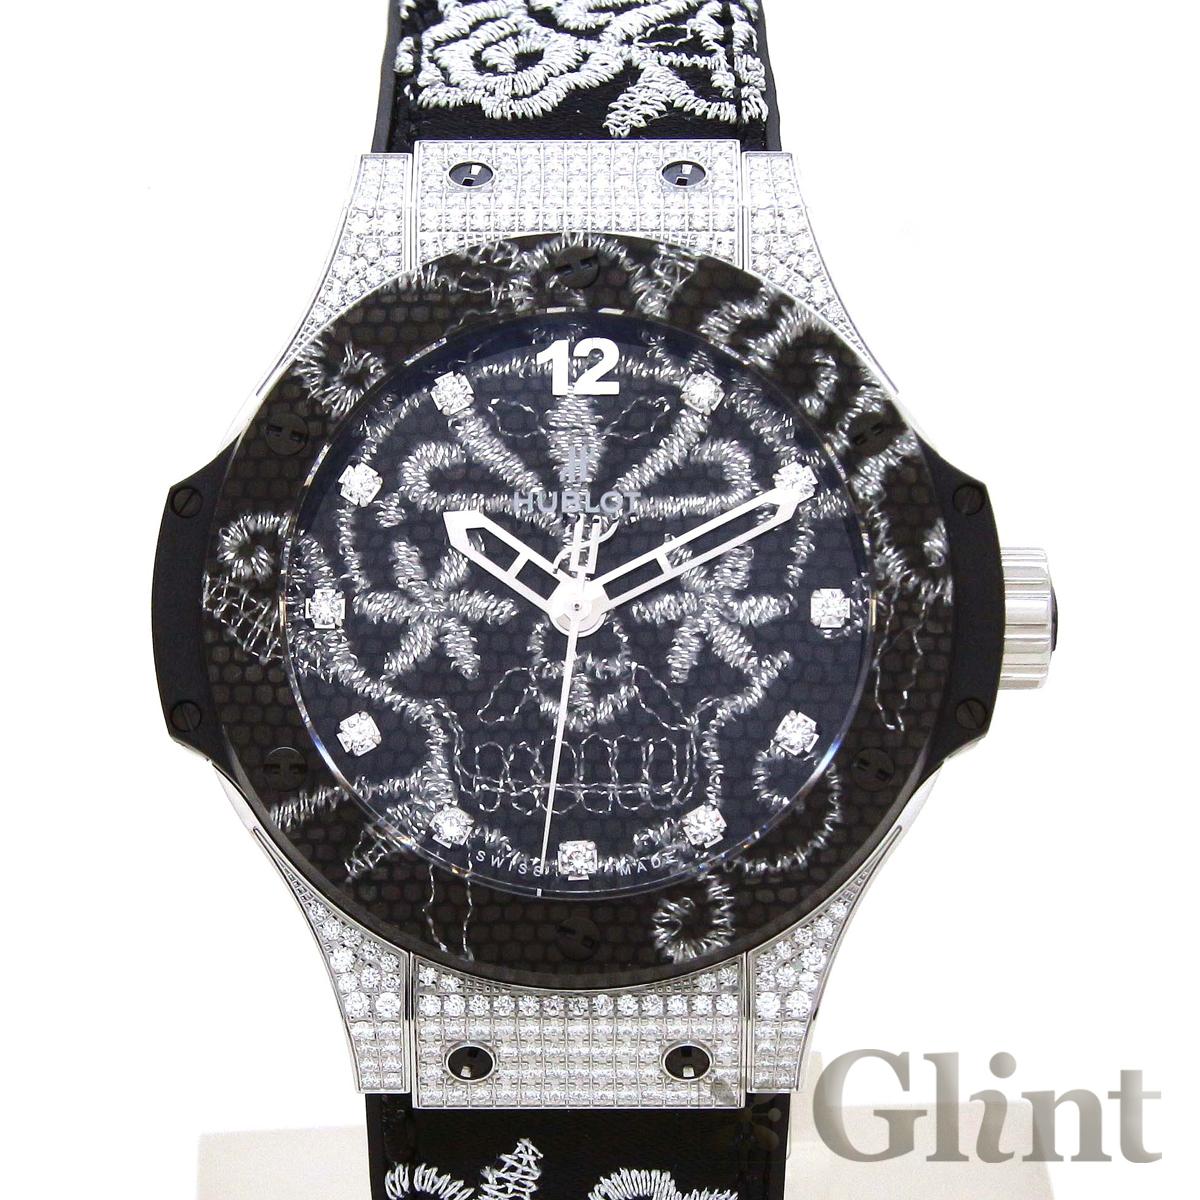 ウブロ(HUBLOT)ビッグバン ブロイダリー スチール ダイヤモンド 343.SX.6570.NR.0804〔腕時計〕〔メンズ〕〔世界限定200本〕【中古】